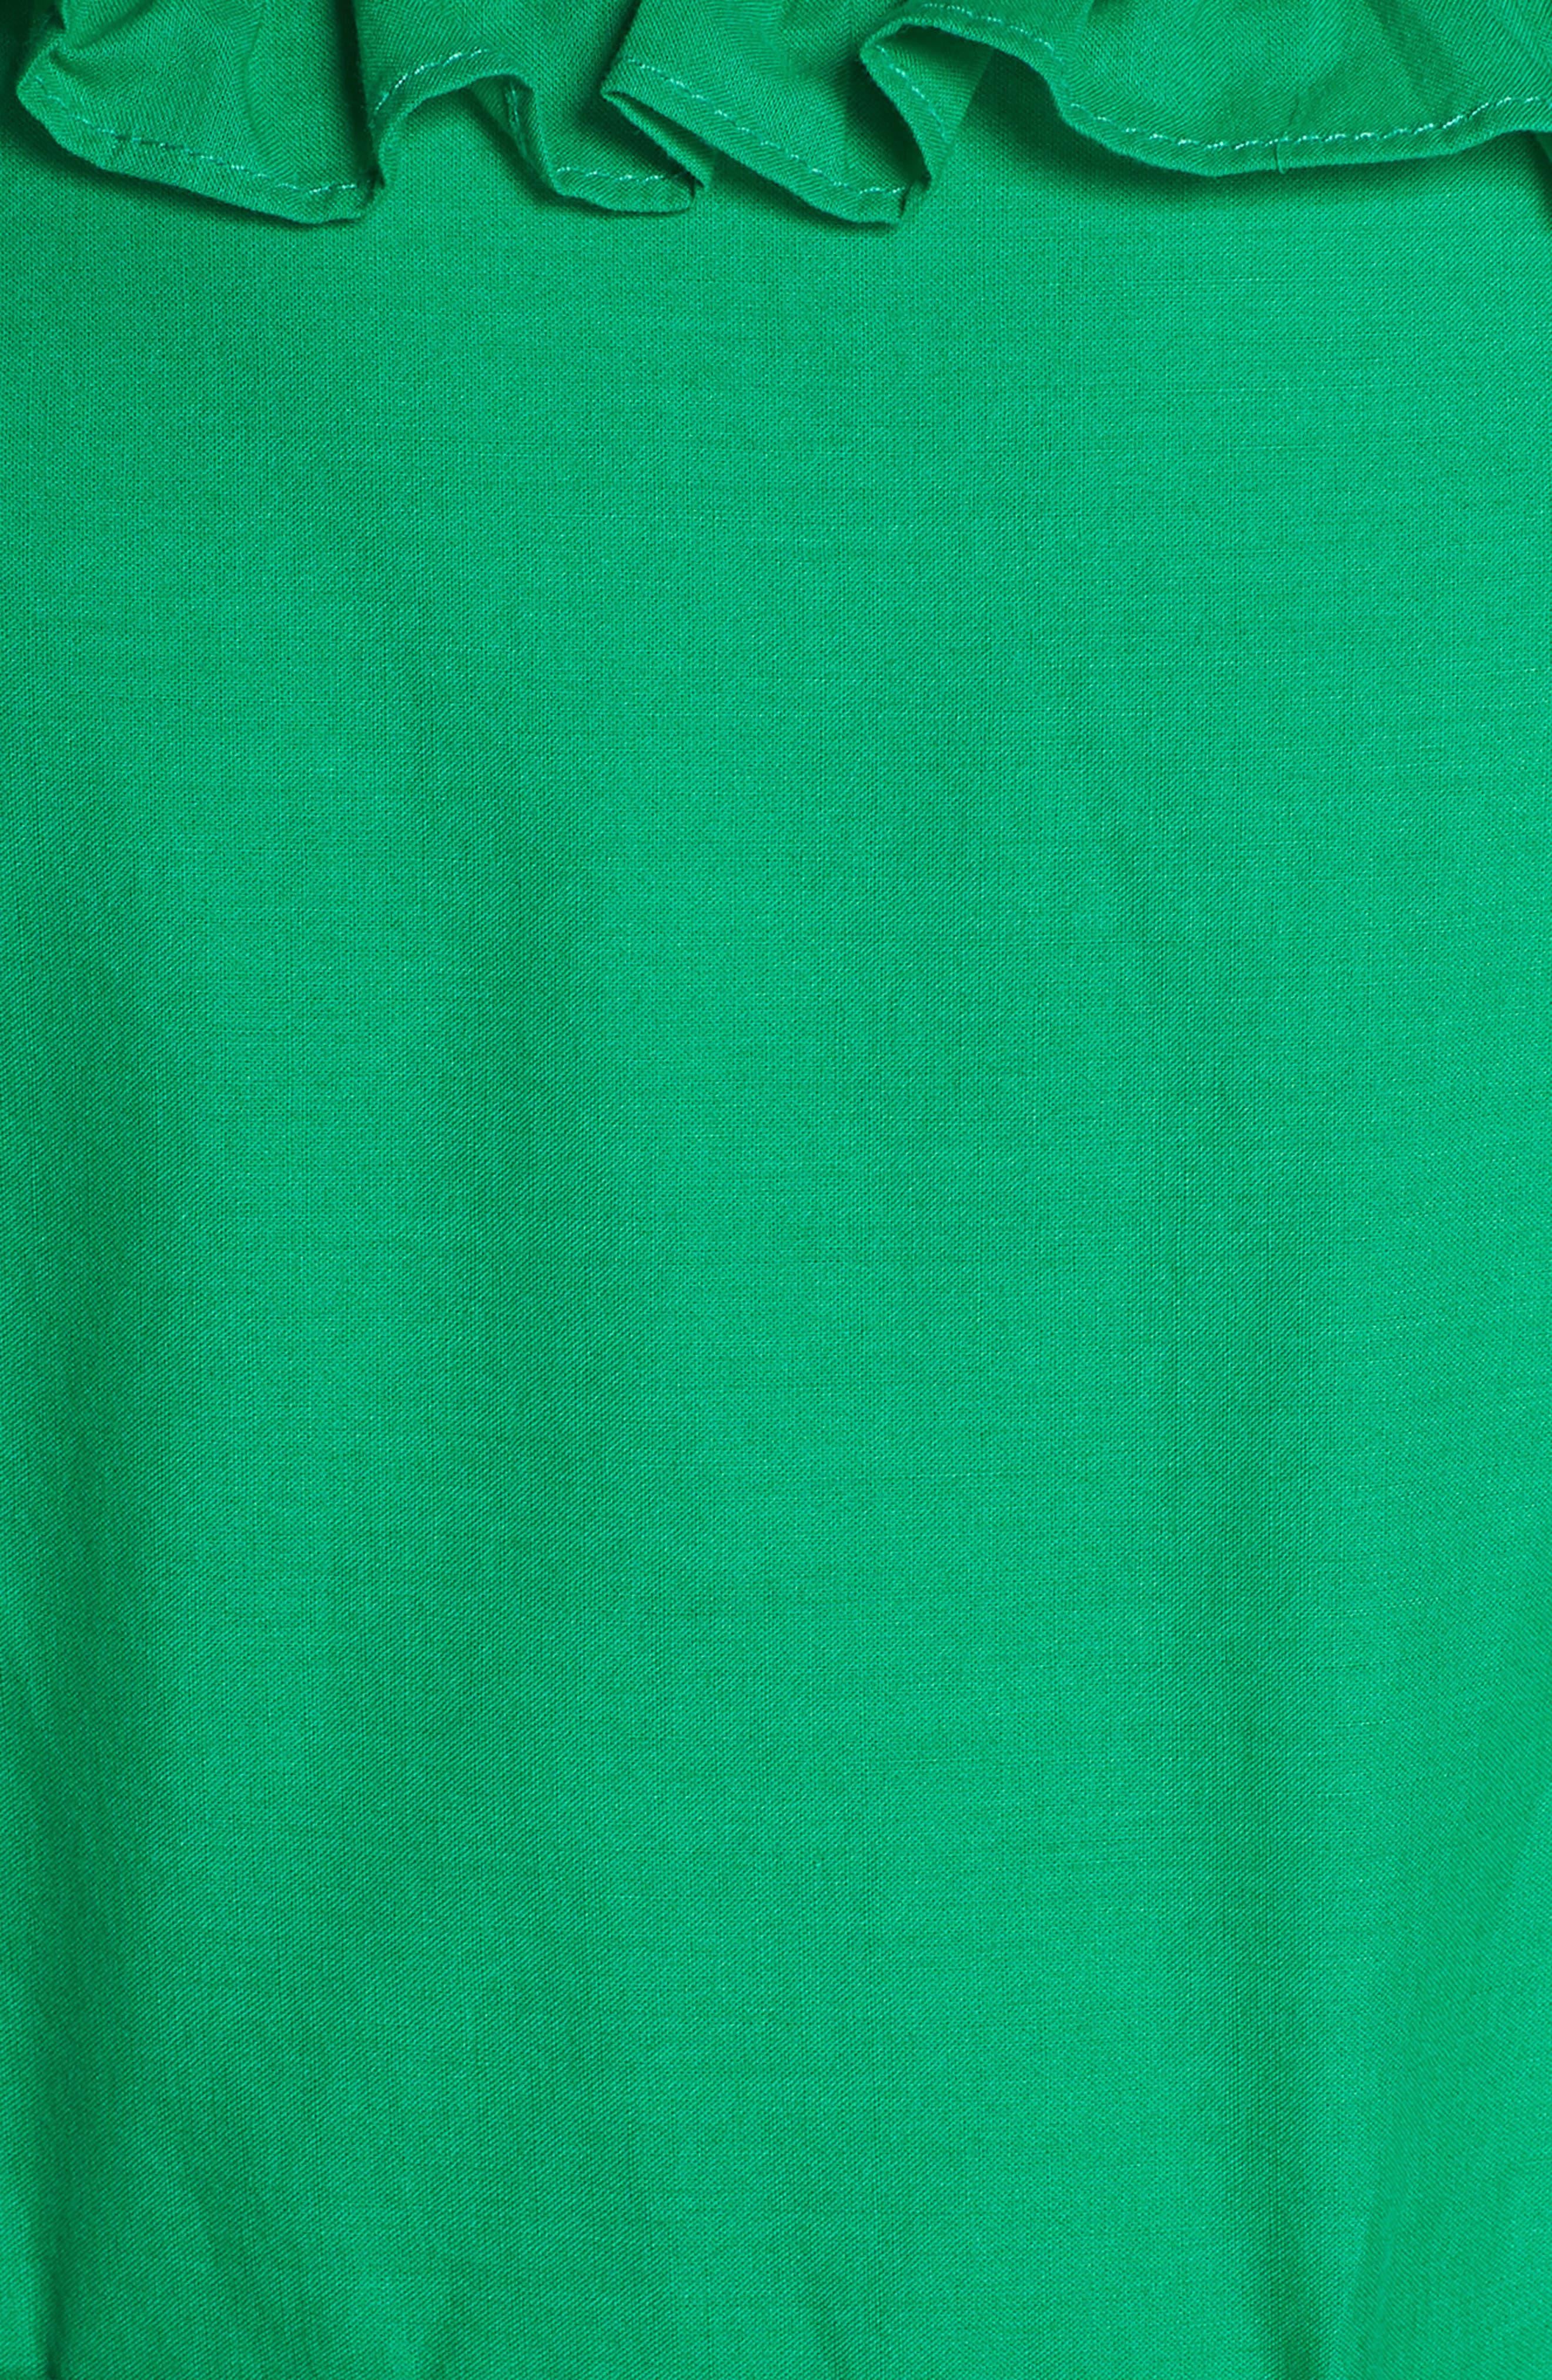 Eyelet Hem Fit & Flare Sundress,                             Alternate thumbnail 6, color,                             Green